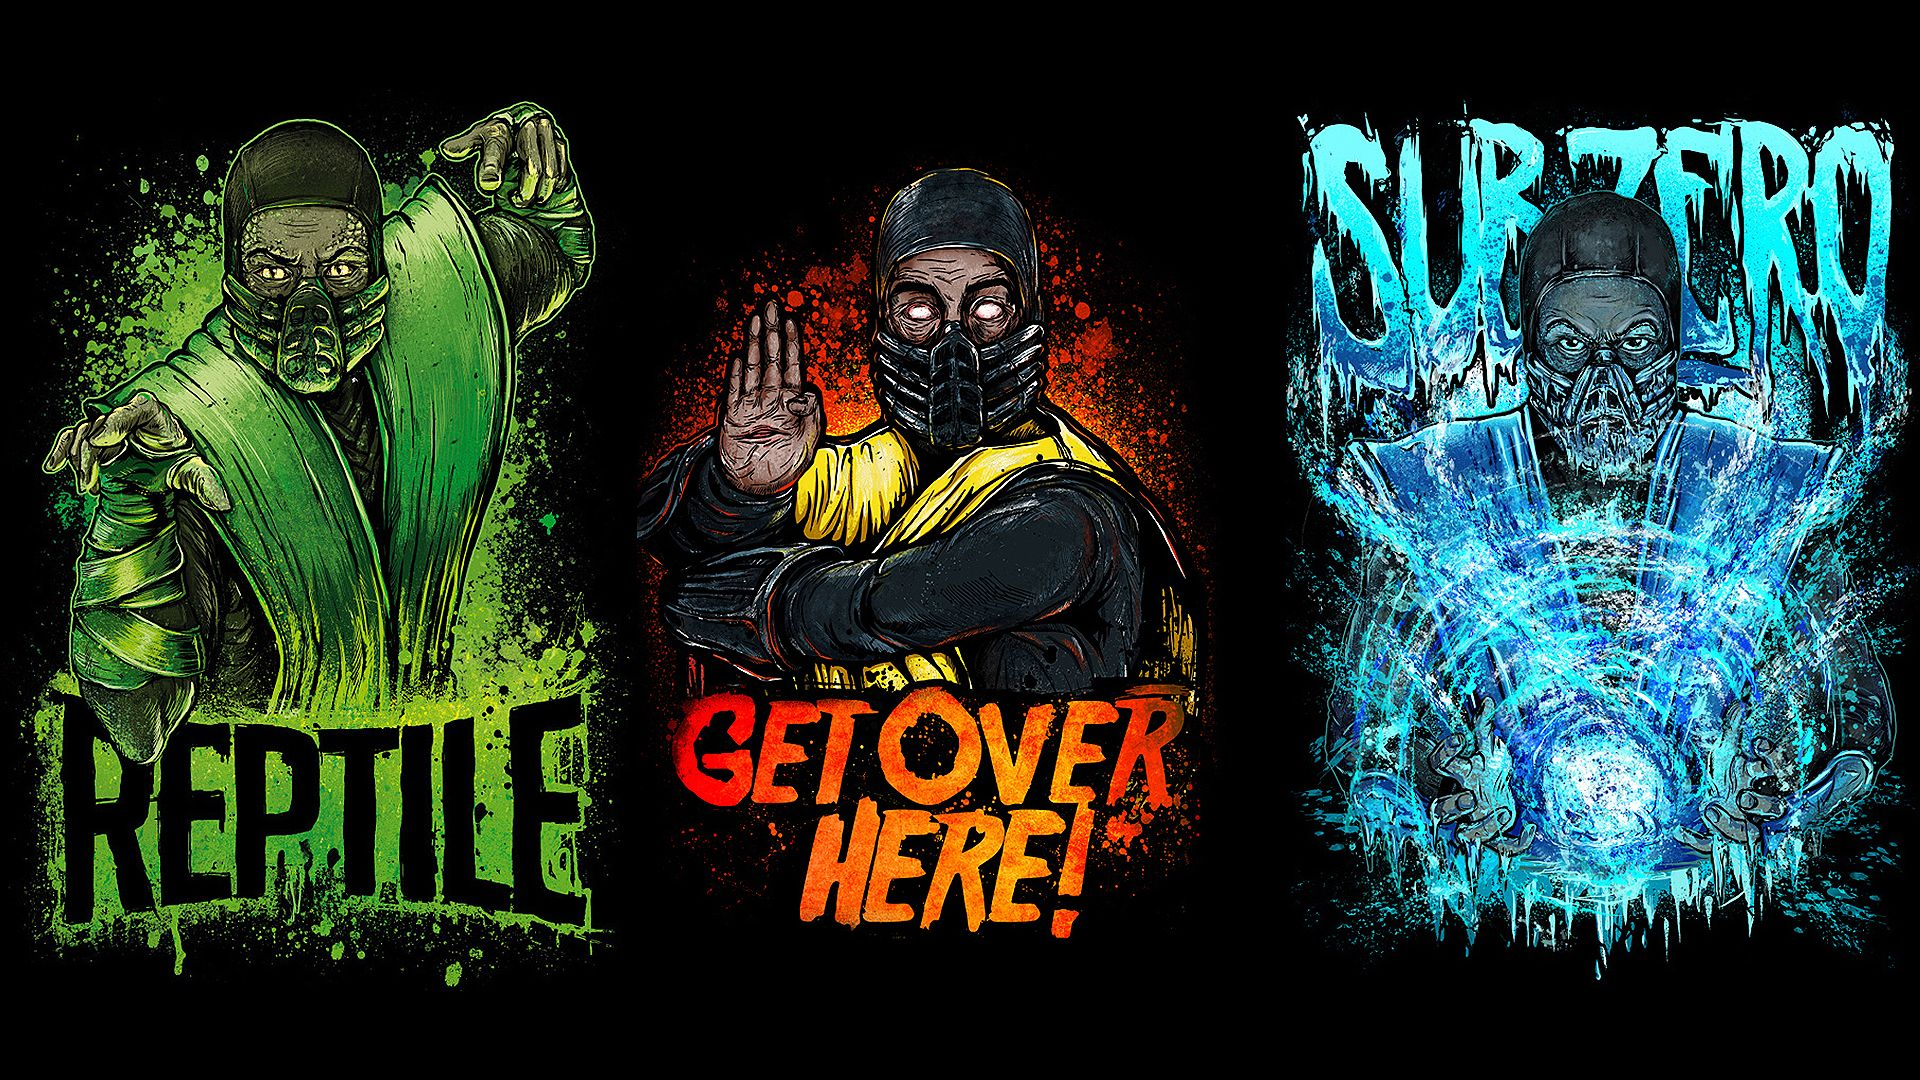 Mortal Kombat Wallpapers for Iphone 7, Iphone 7 plus